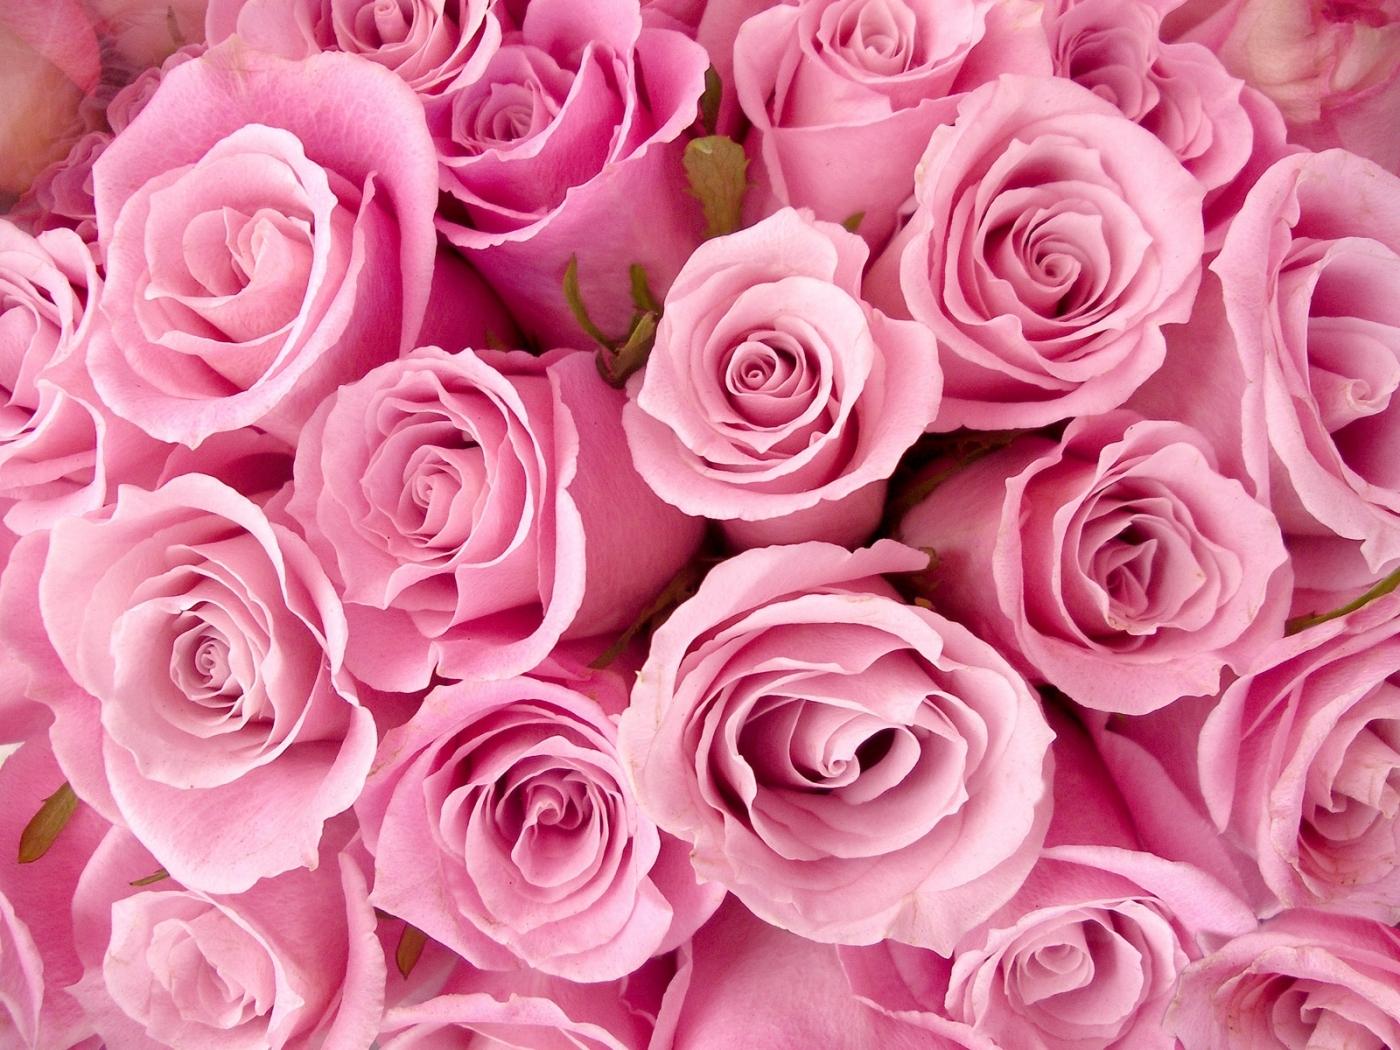 30621 скачать Красные обои на телефон бесплатно, Розы, Растения, Цветы Красные картинки и заставки на мобильный